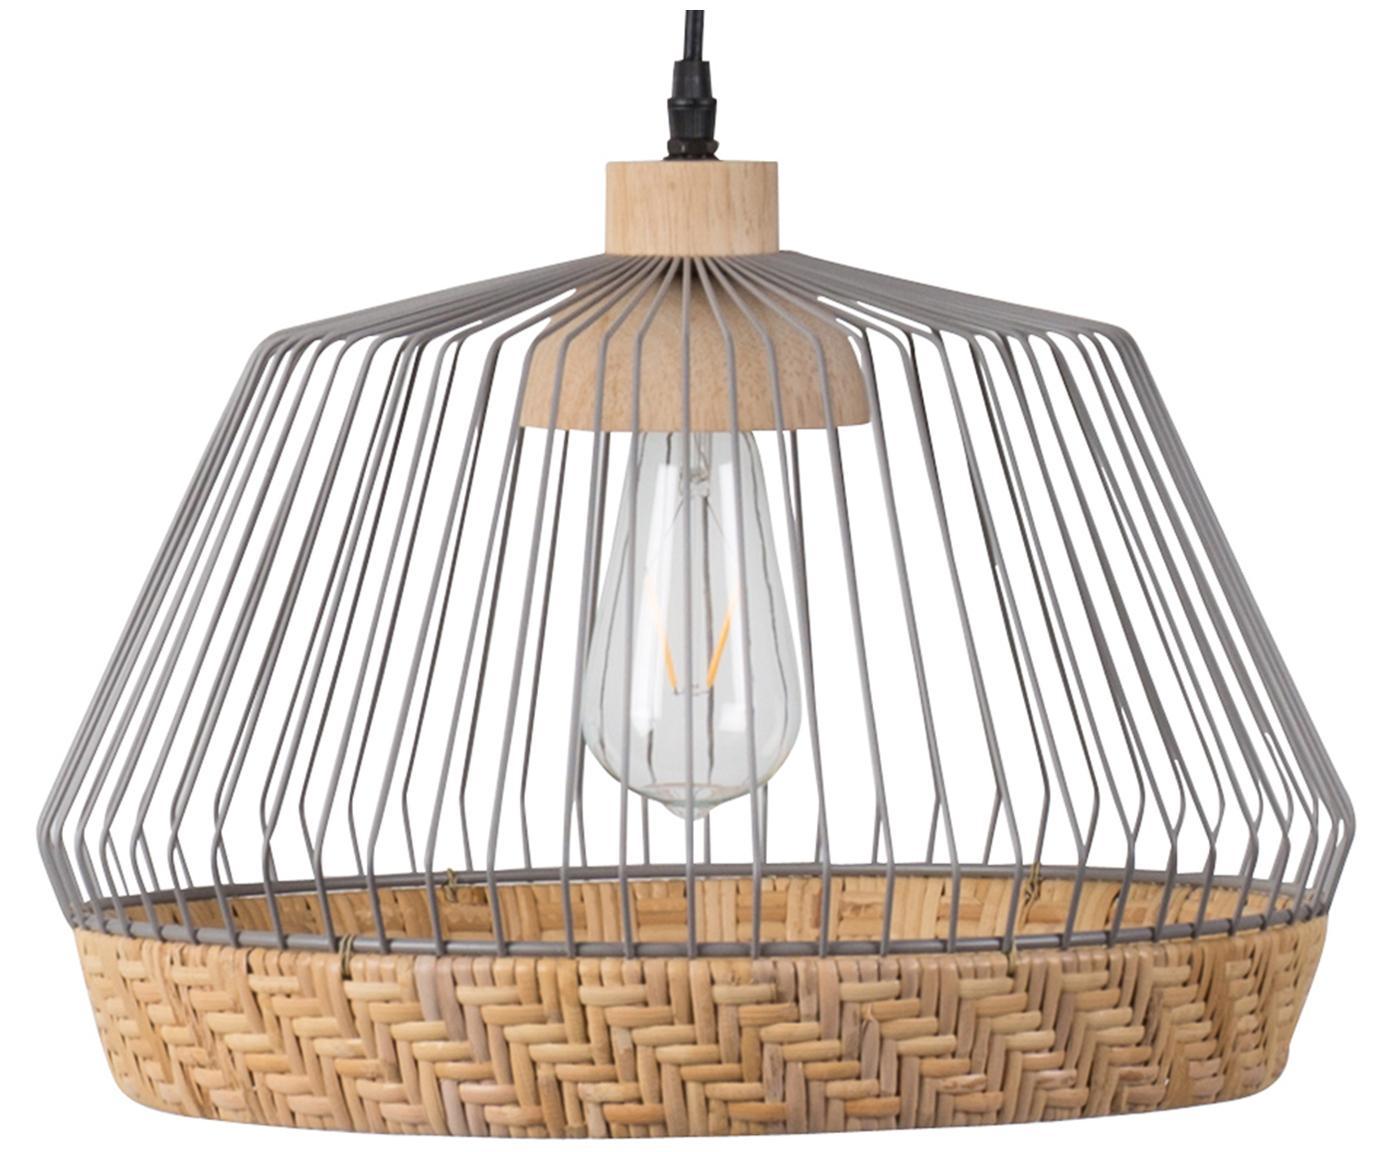 Hanglamp Birdy uit rotan en metaal, Lampenkap: rotan, gelakt metaal, Baldakijn: gelakt metaal, Lampenkap: rotan, lichtgrijs. Bevestiging: rubberhoutkleurig, Ø 38 x H 27 cm